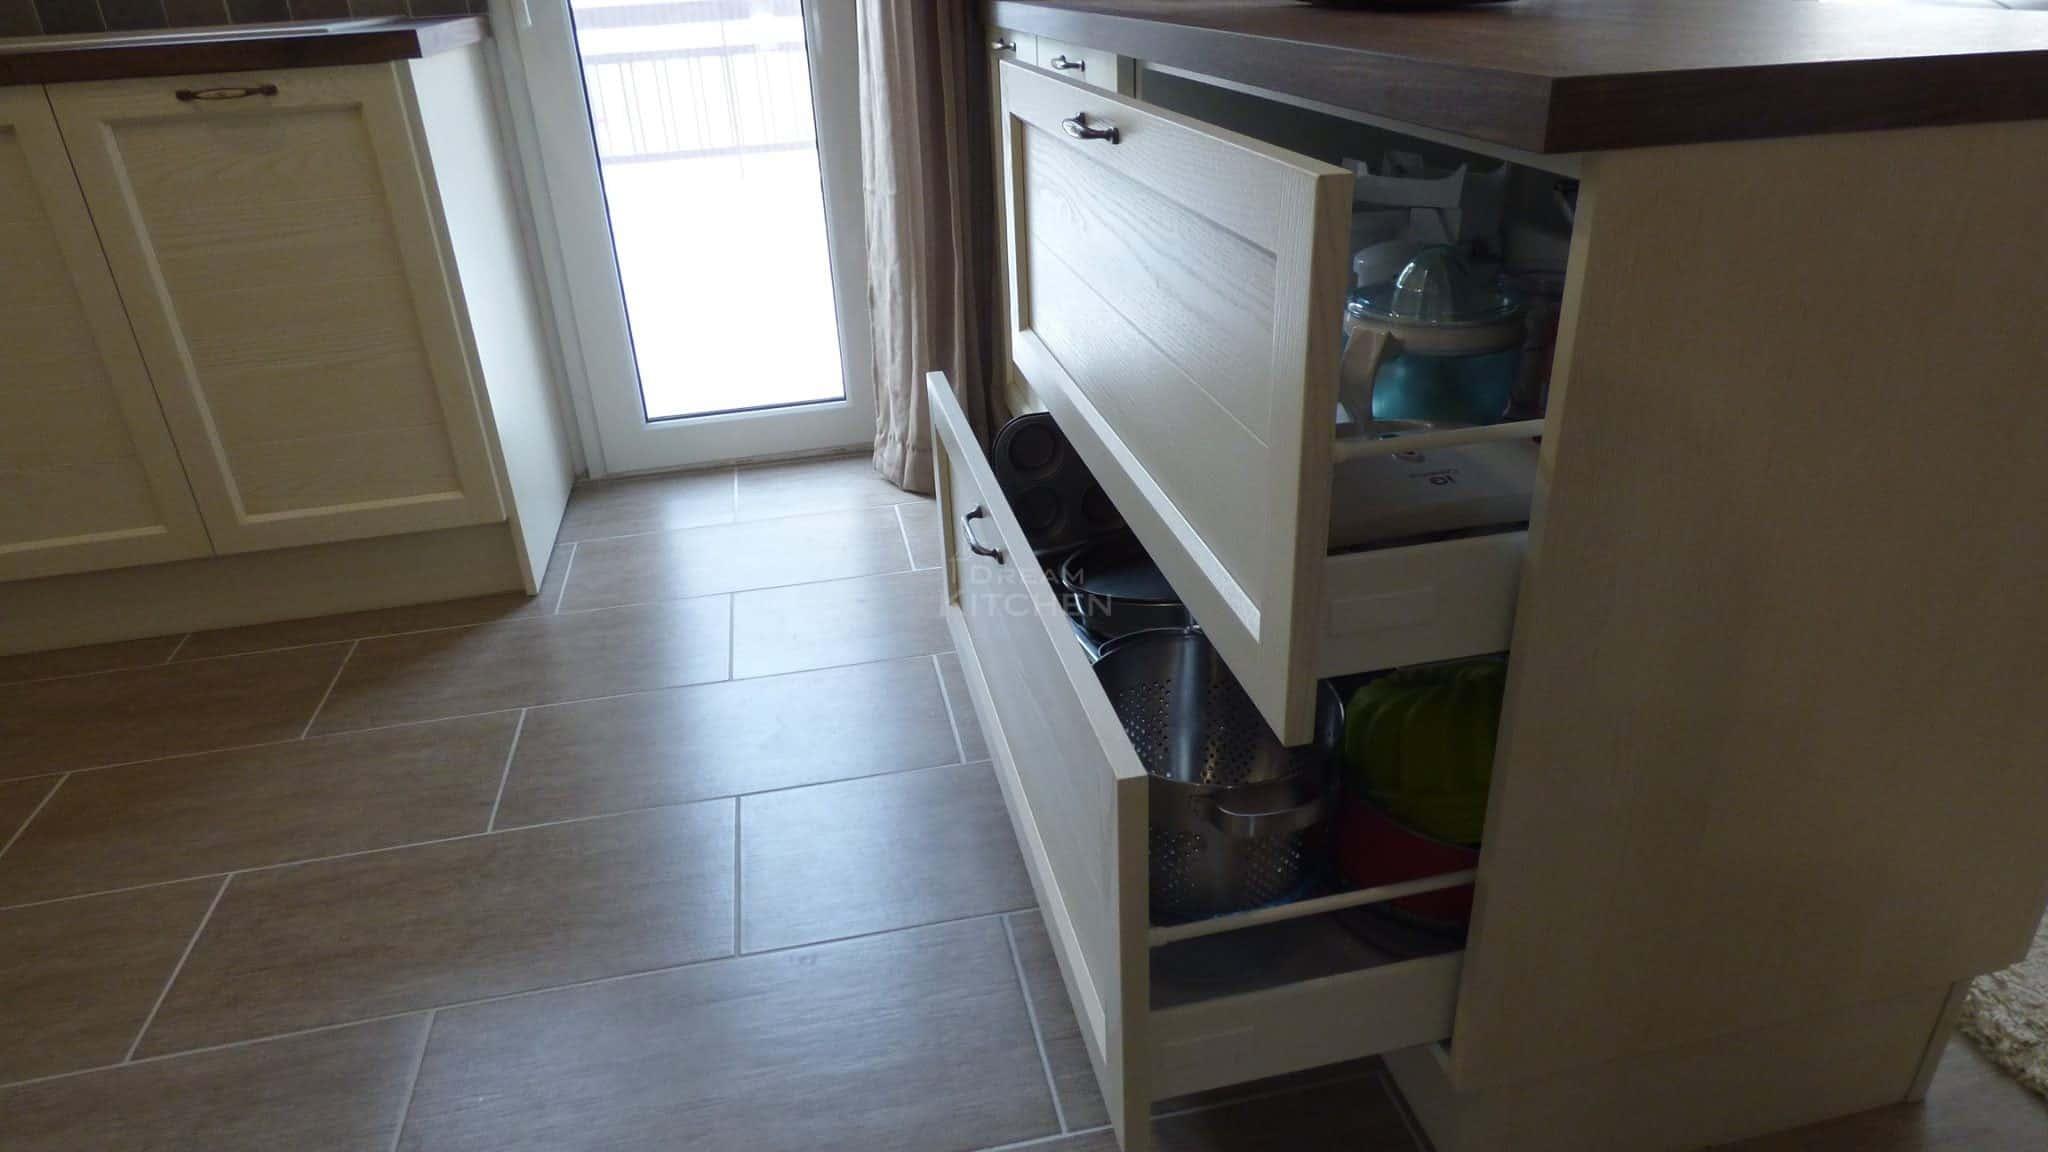 Κουζίνα Ημιμασίφ Dover 23